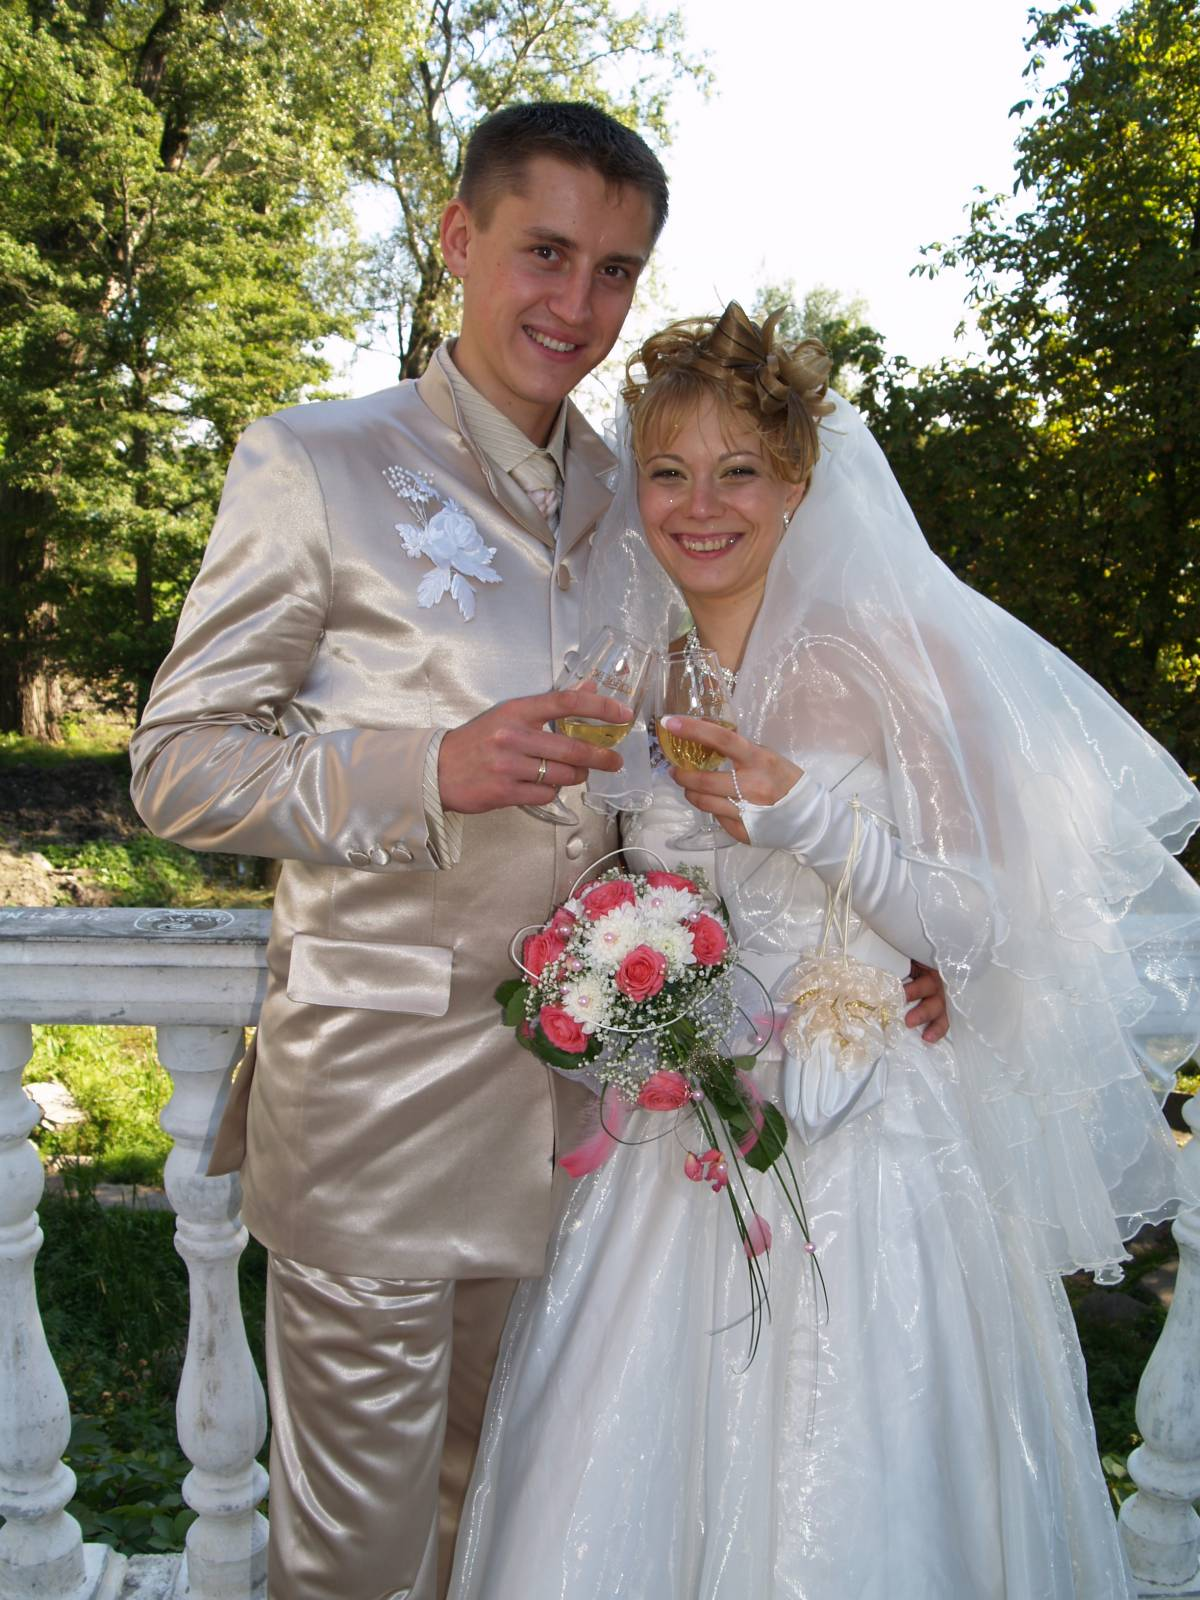 Можно ли жениху видеть платье невесты до свадьбы на фото